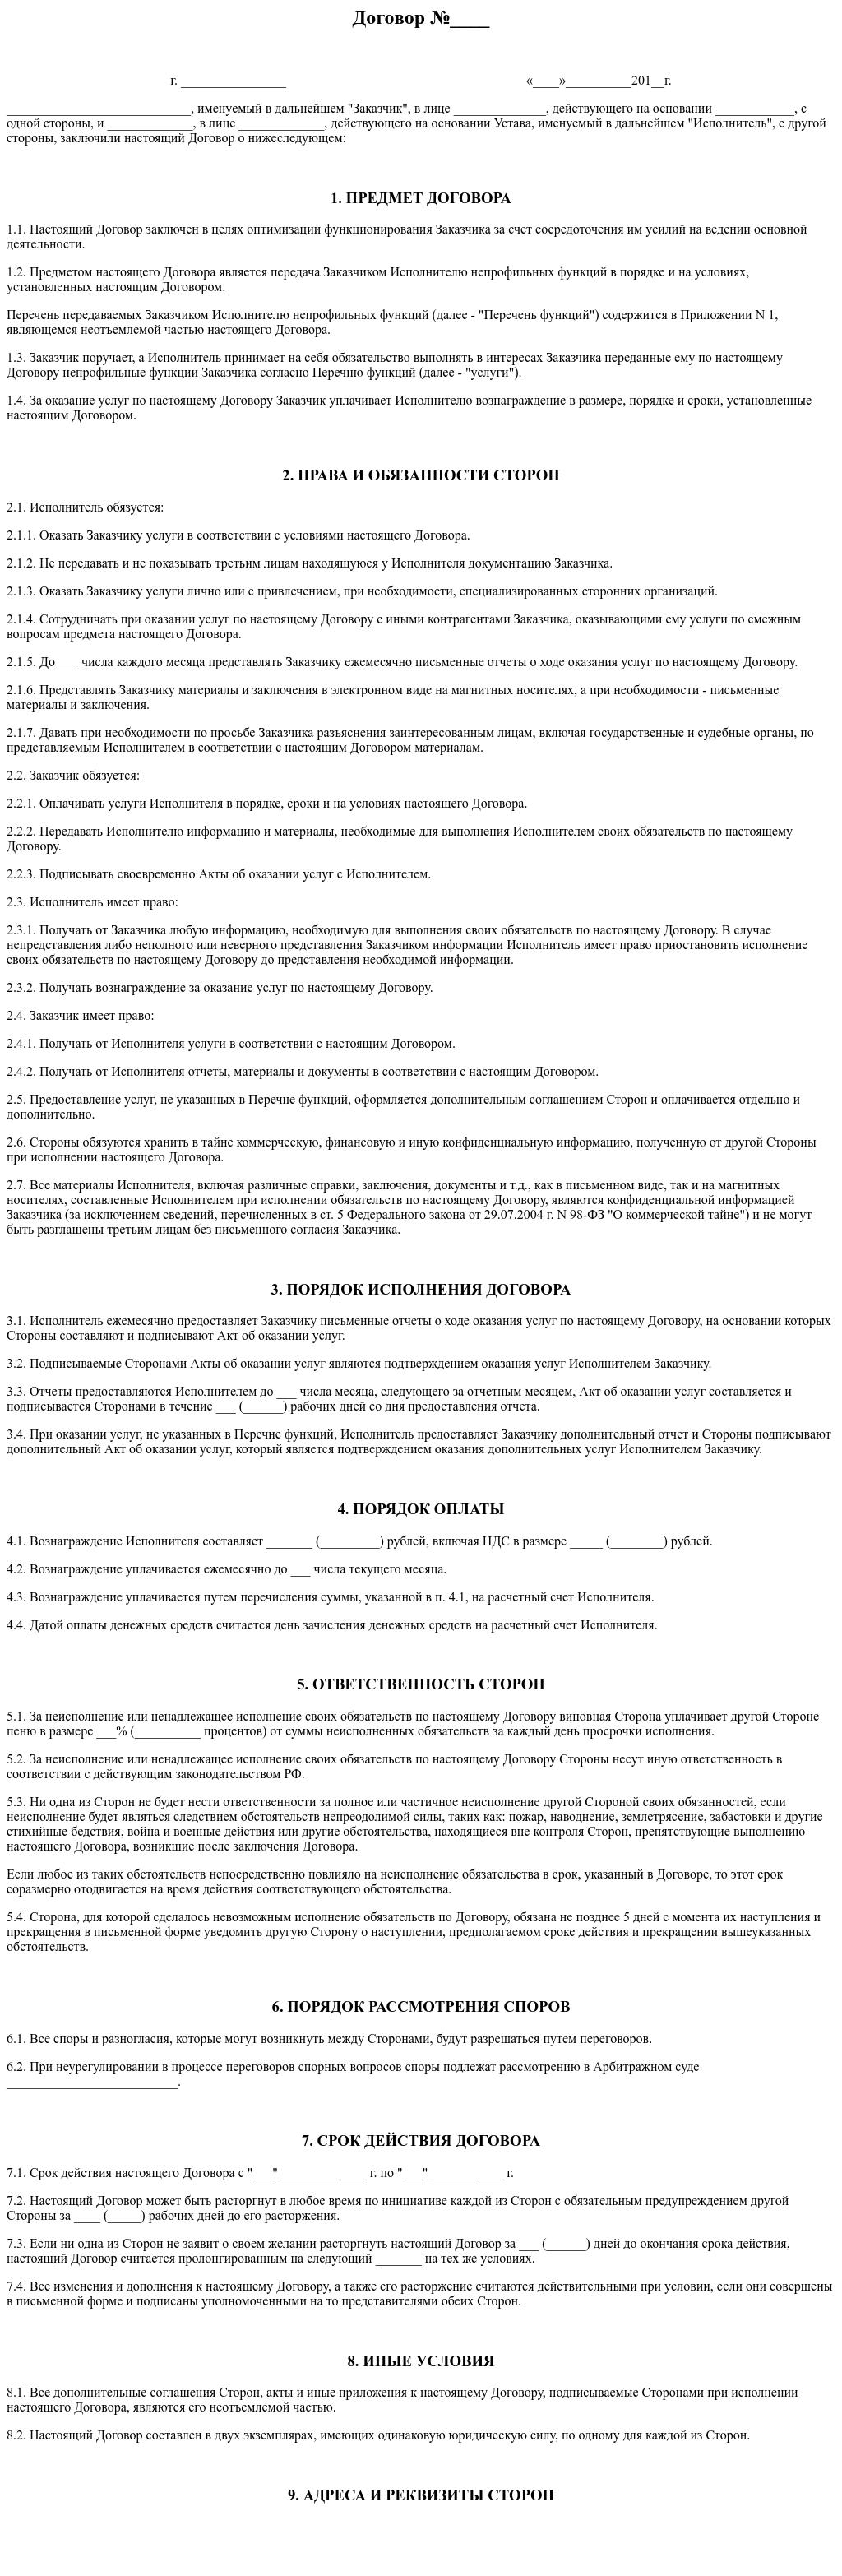 Образец Типовой договор аутсорсинга